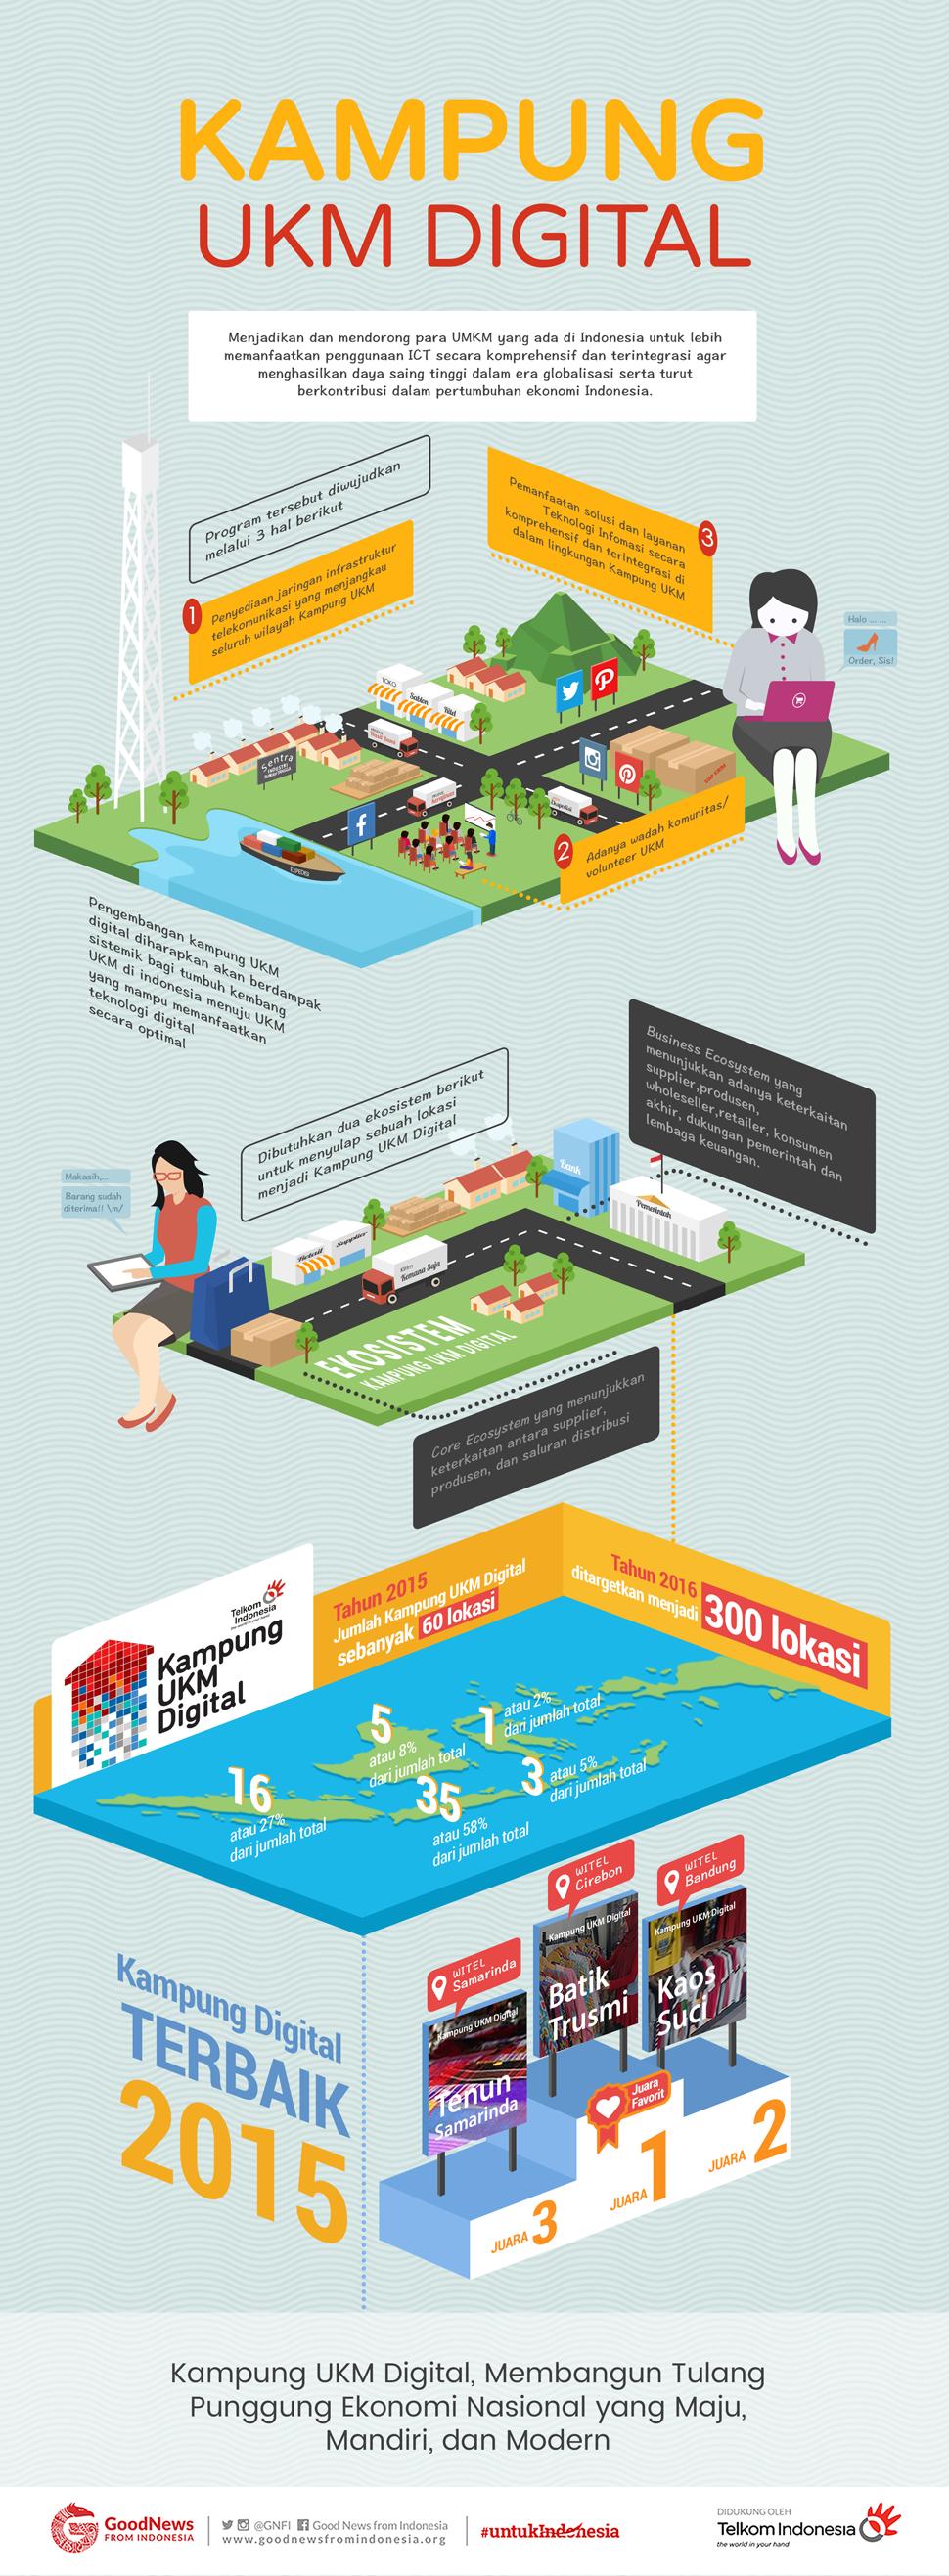 Membangun Indonesia dari Kampung, Caranya?